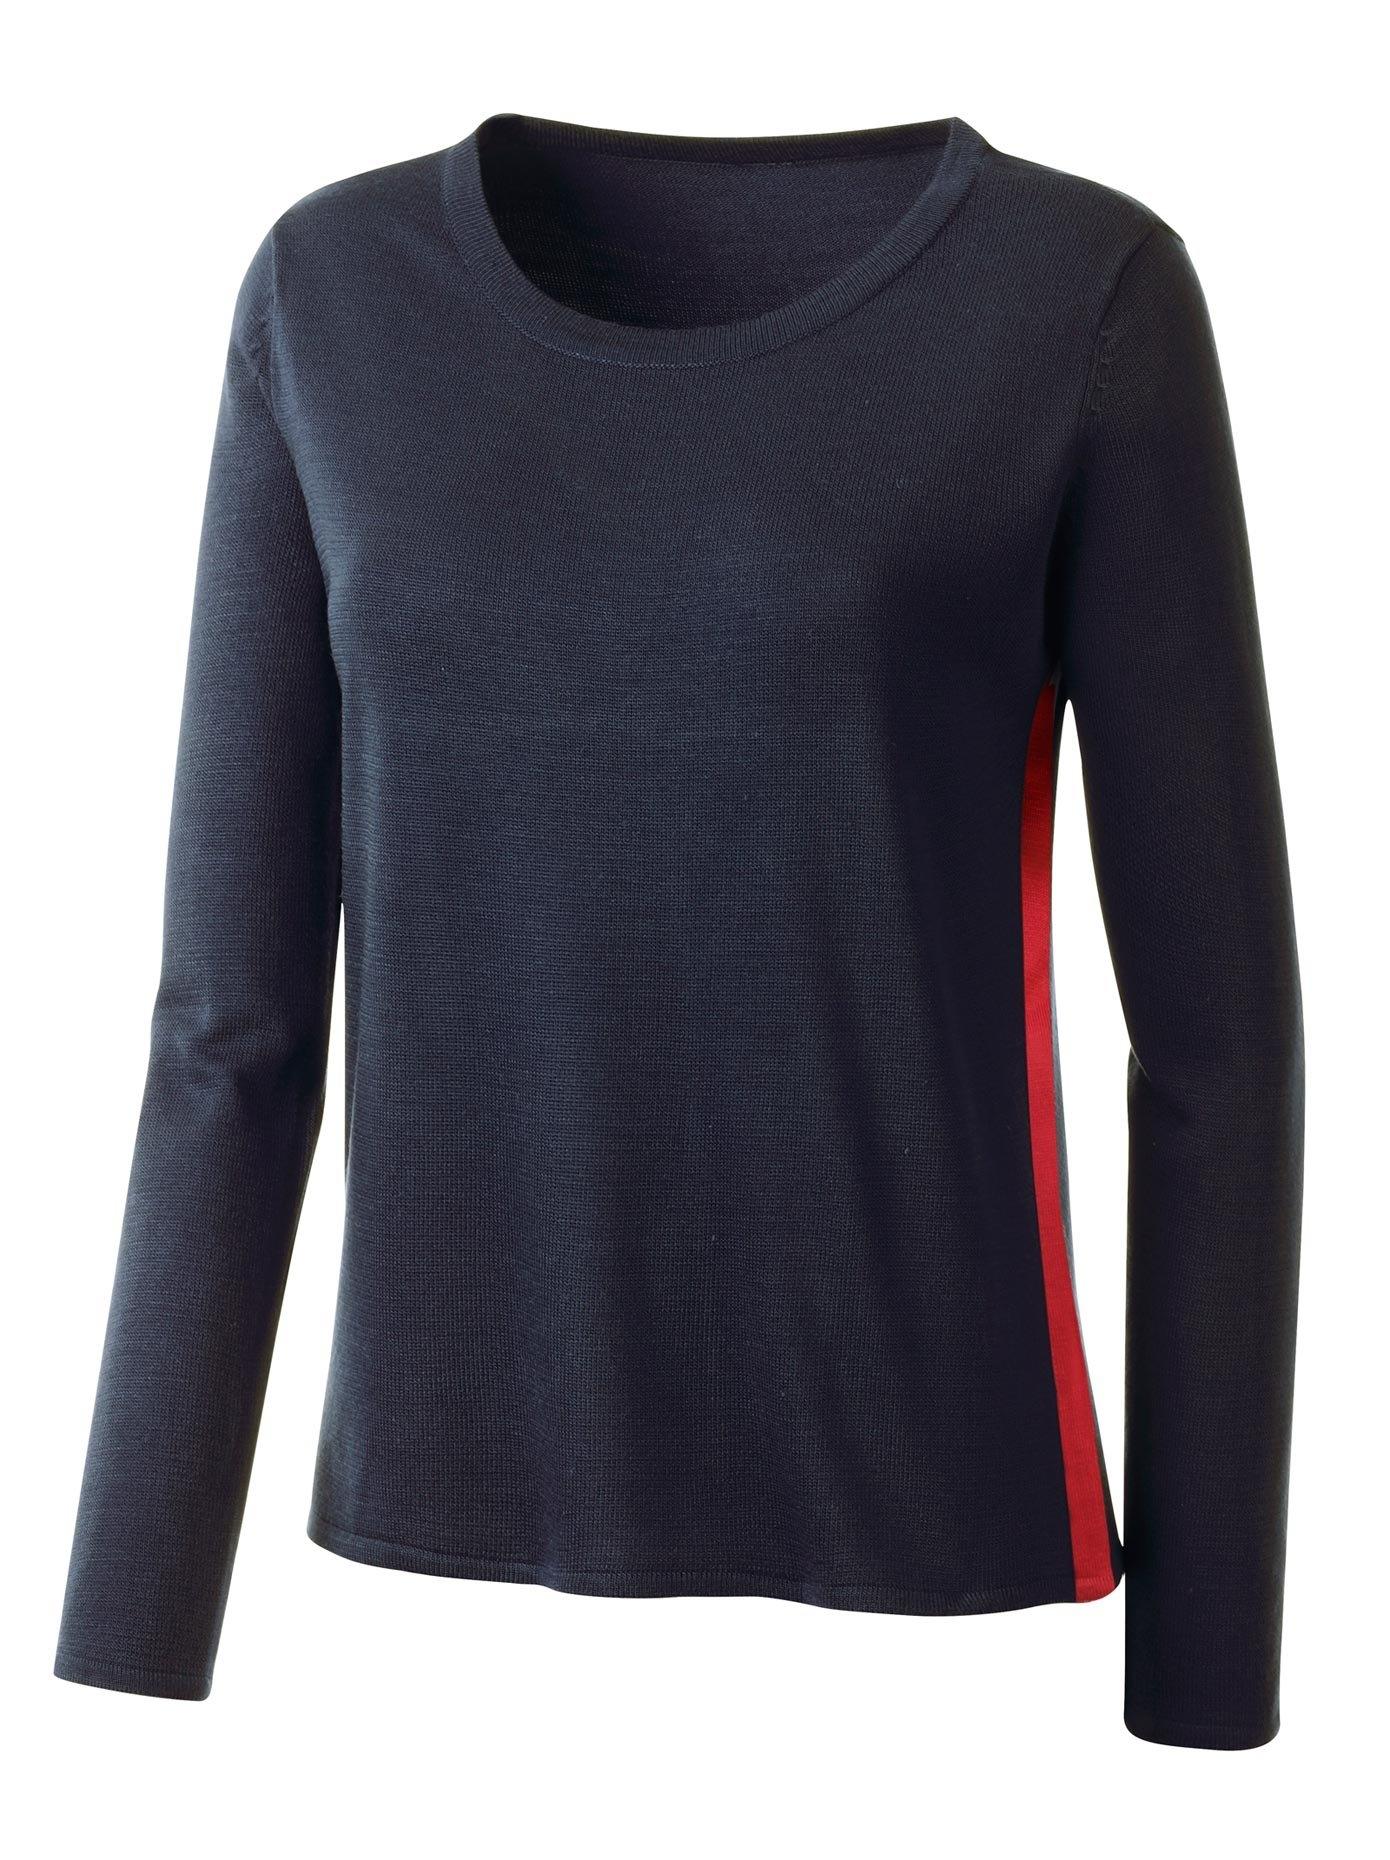 Op zoek naar een Classic Basics trui met rode galon aan beide zijkanten? Koop online bij OTTO